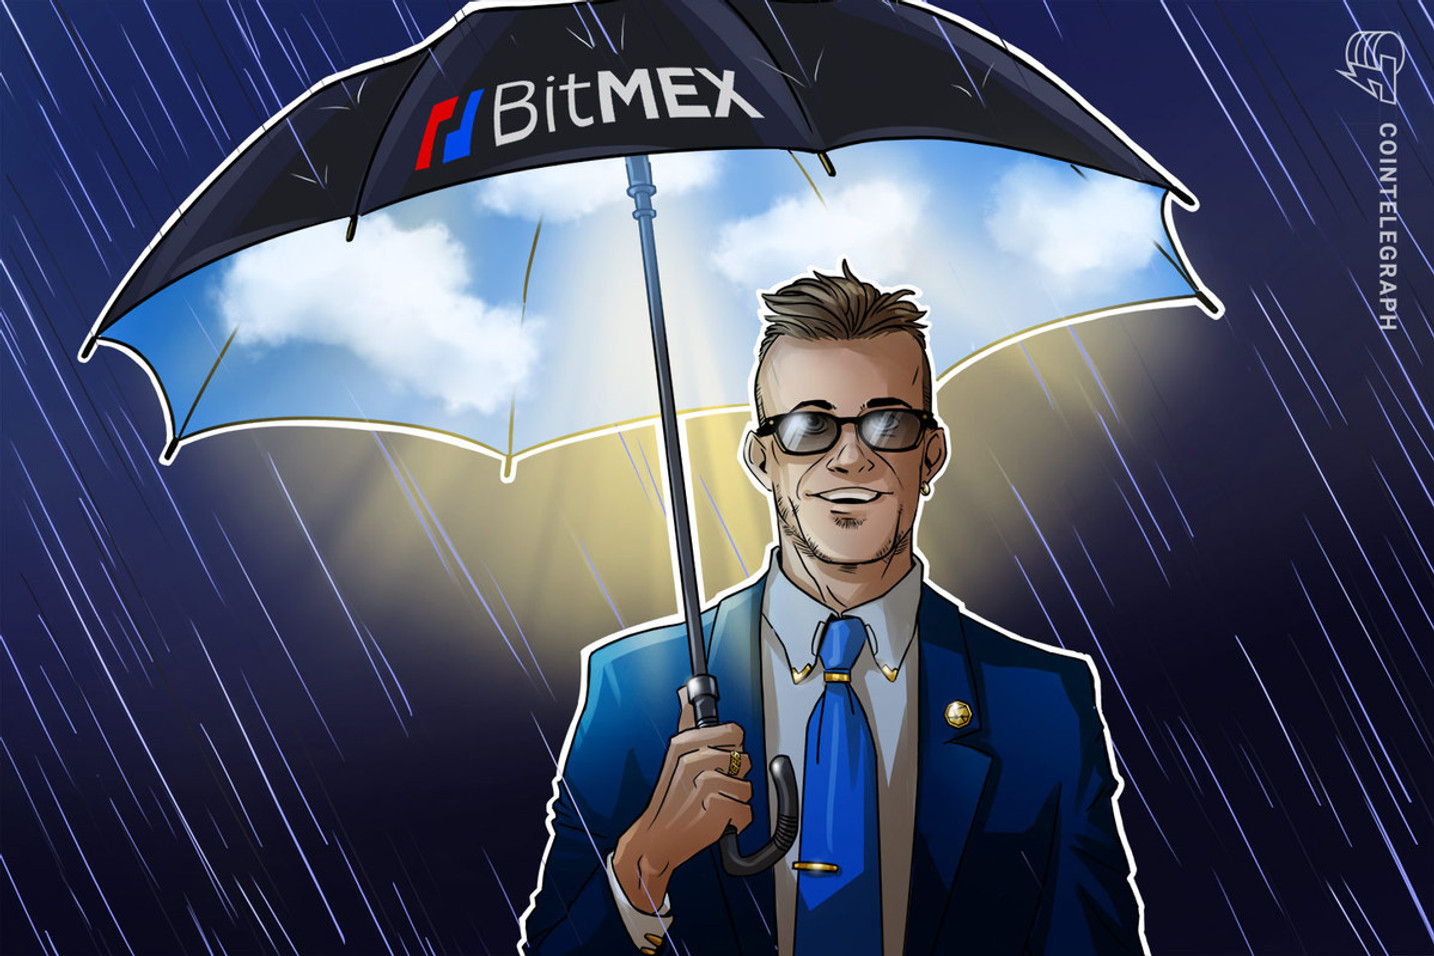 Fondo de seguros de BitMex registra un máximo histórico, Binance y Deribit inyectan millones